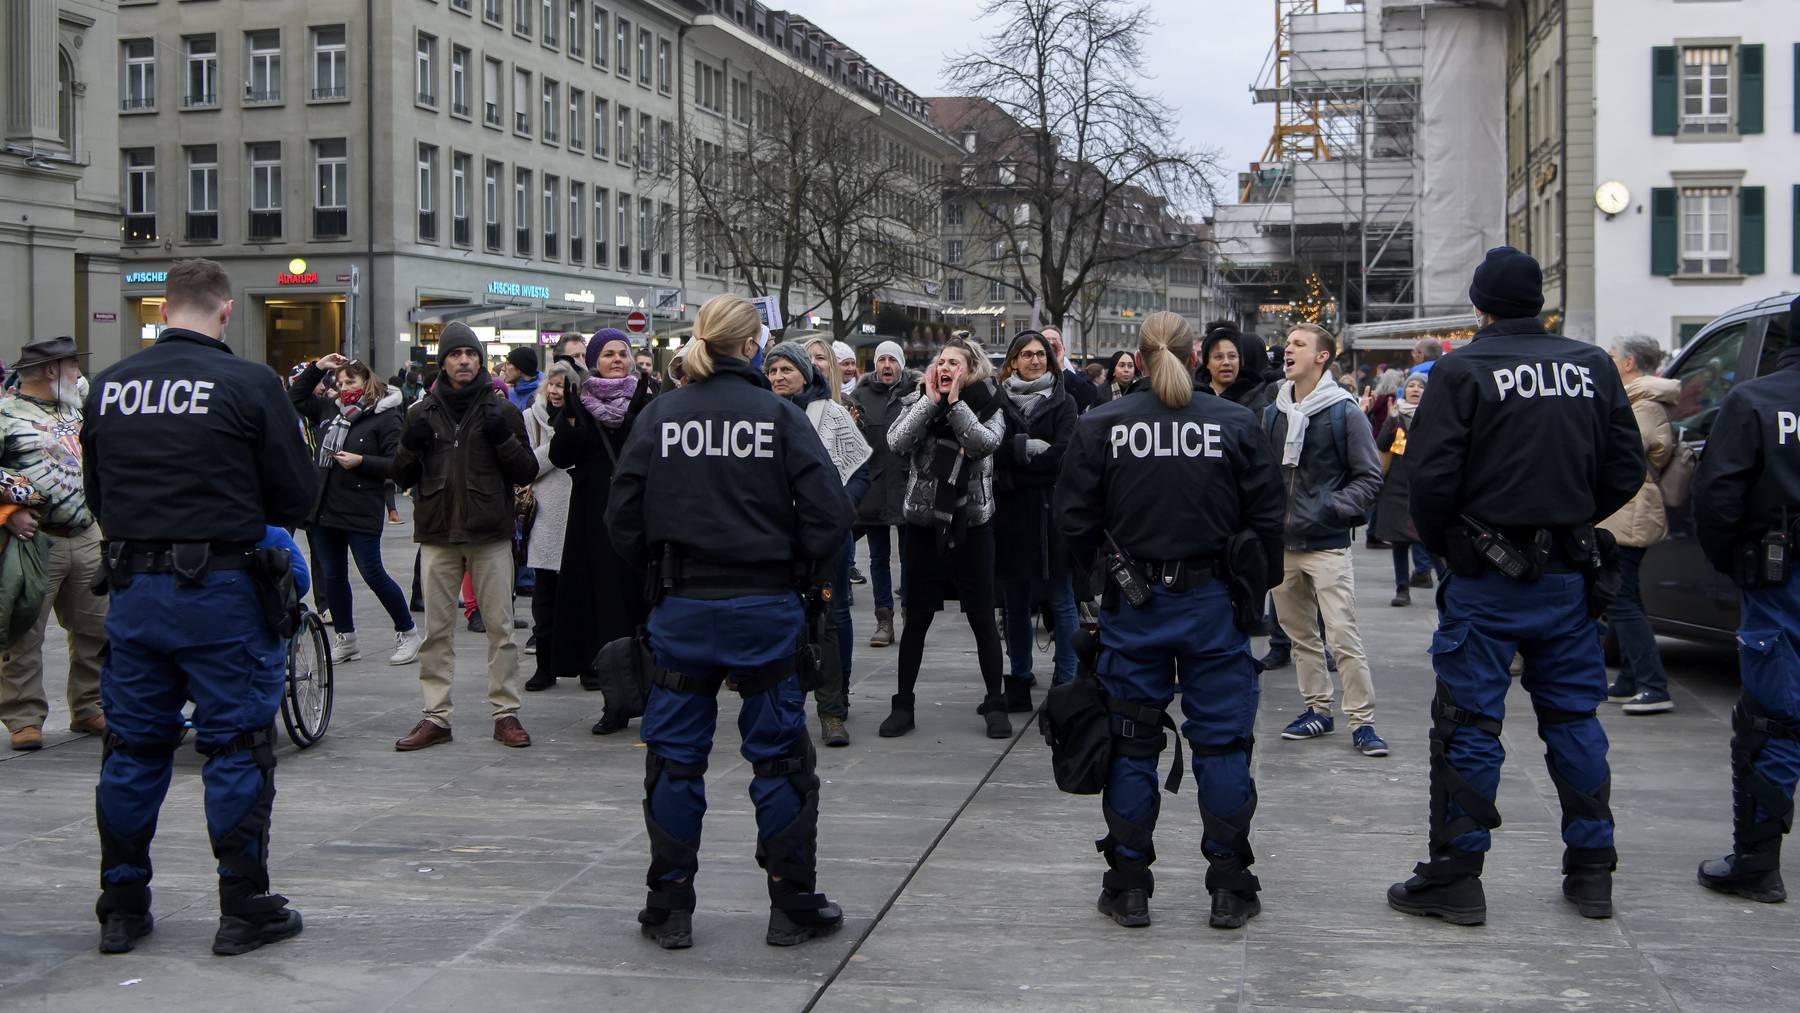 Viele Teilnehmende der Kundgebung hielten sich nicht an die Schutzmassnahmen, teilt die Kantonspolizei Bern mit.